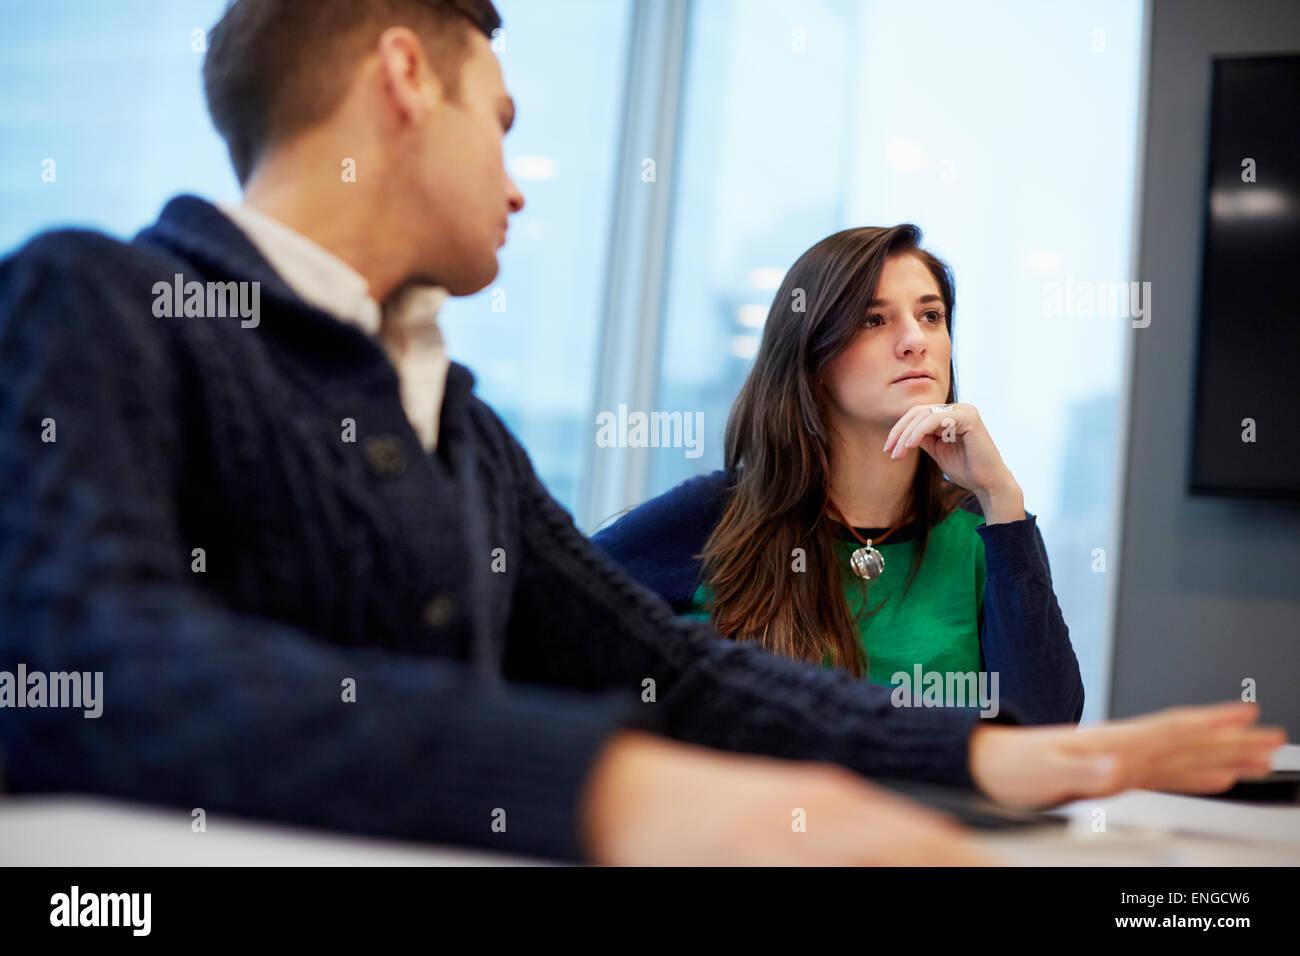 Un uomo e una donna seduti a una riunione in un ufficio. Immagini Stock